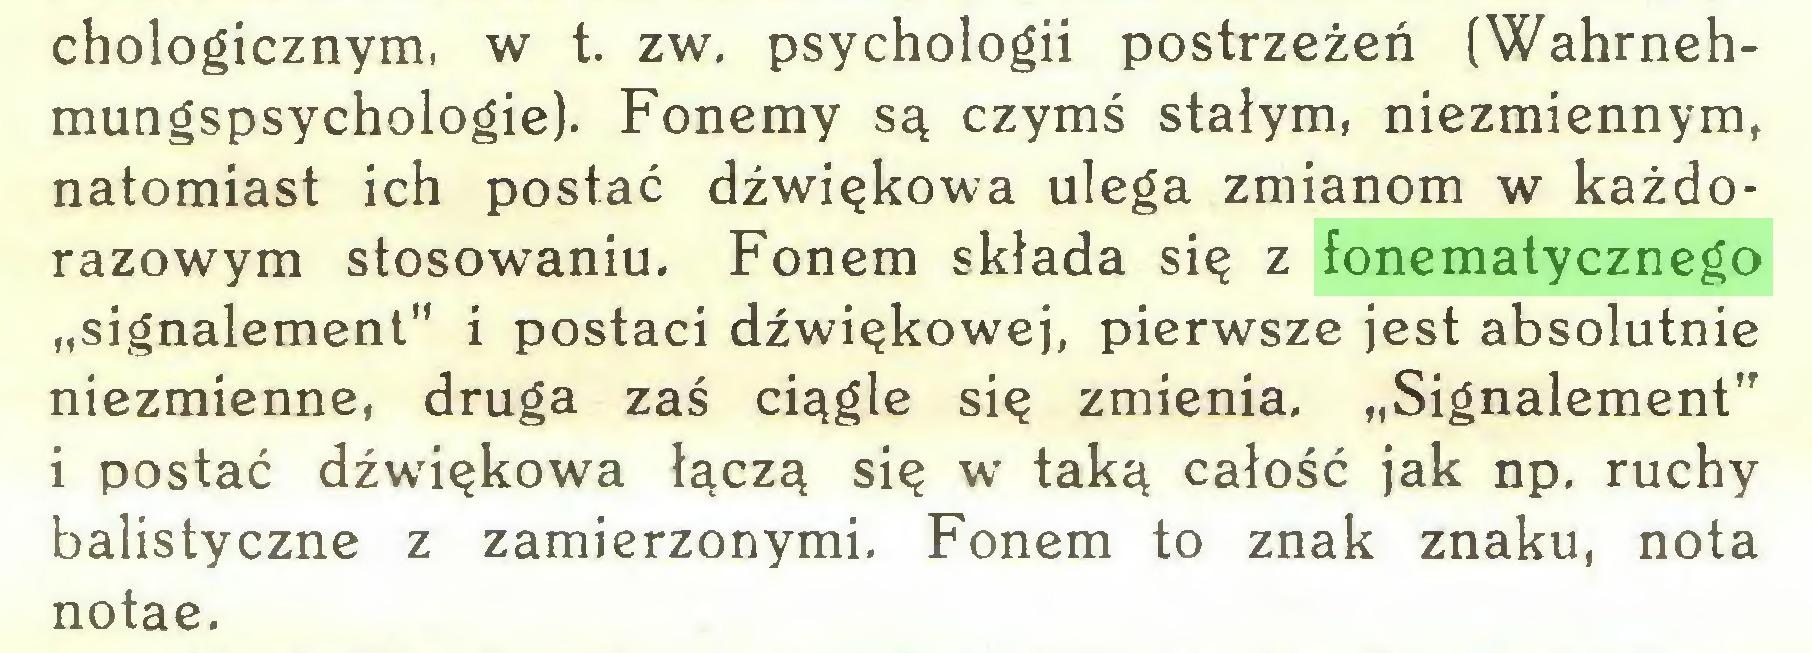 """(...) chologicznym, w t. zw. psychologii postrzeżeń (Wahrnehmungspsychologie). Fonemy są czymś stałym, niezmiennym, natomiast ich postać dźwiękowa ulega zmianom w każdorazowym stosowaniu. Fonem składa się z fonematycznego """"signalement"""" i postaci dźwiękowej, pierwsze jest absolutnie niezmienne, druga zaś ciągle się zmienia. """"Signalement"""" i postać dźwiękowa łączą się w taką całość jak np. ruchy balistyczne z zamierzonymi, Fonem to znak znaku, nota notae..."""